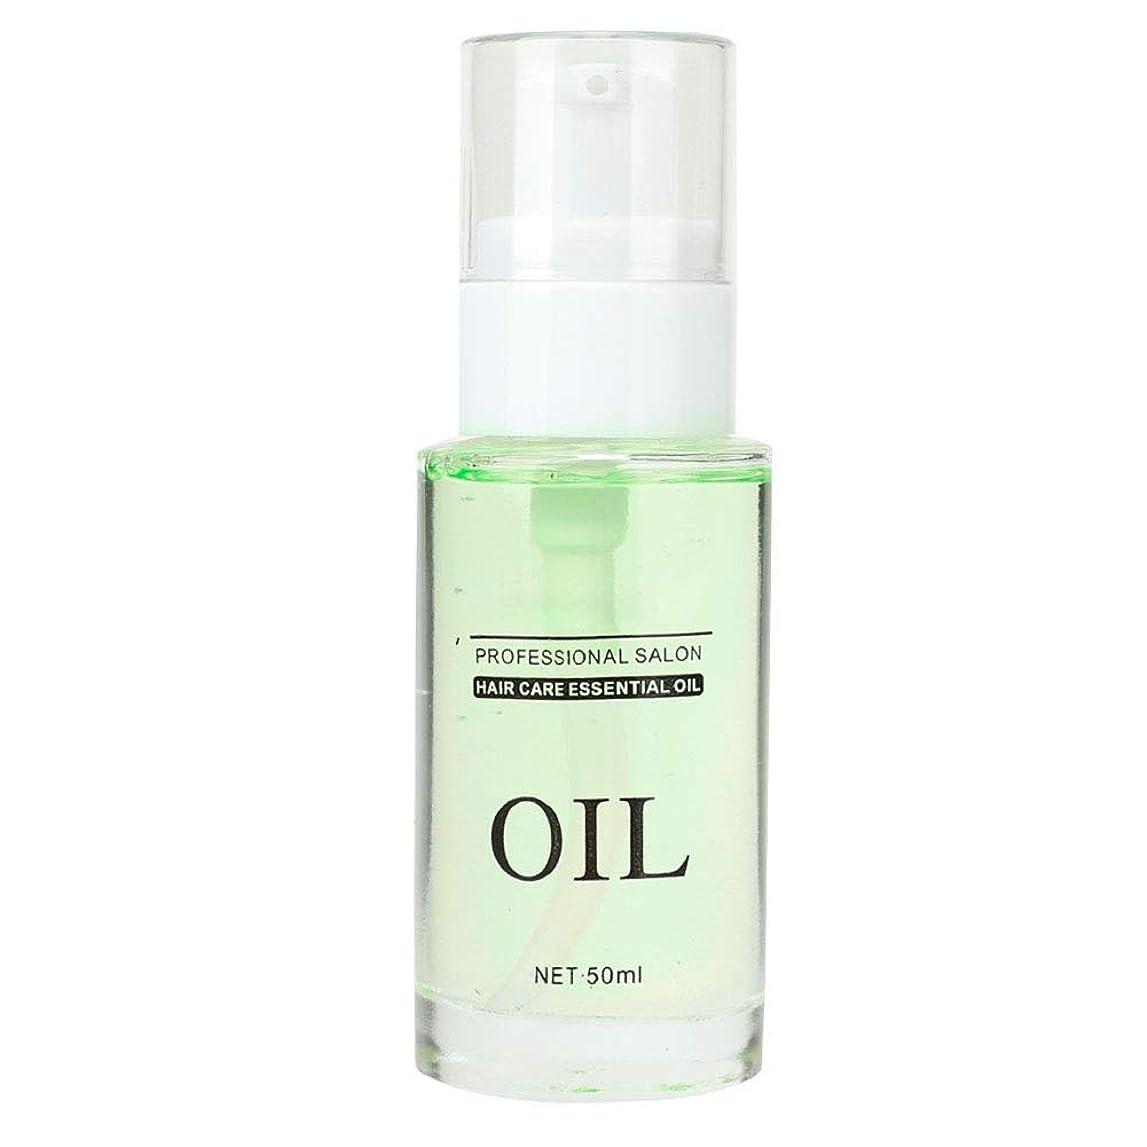 調整するぼかす本部ヘアケアエッセンシャルオイル、ヘアコンディショナー破損した髪の深い修復栄養香水エッセンシャルオイル(02#滑らかな髪にグリーン)